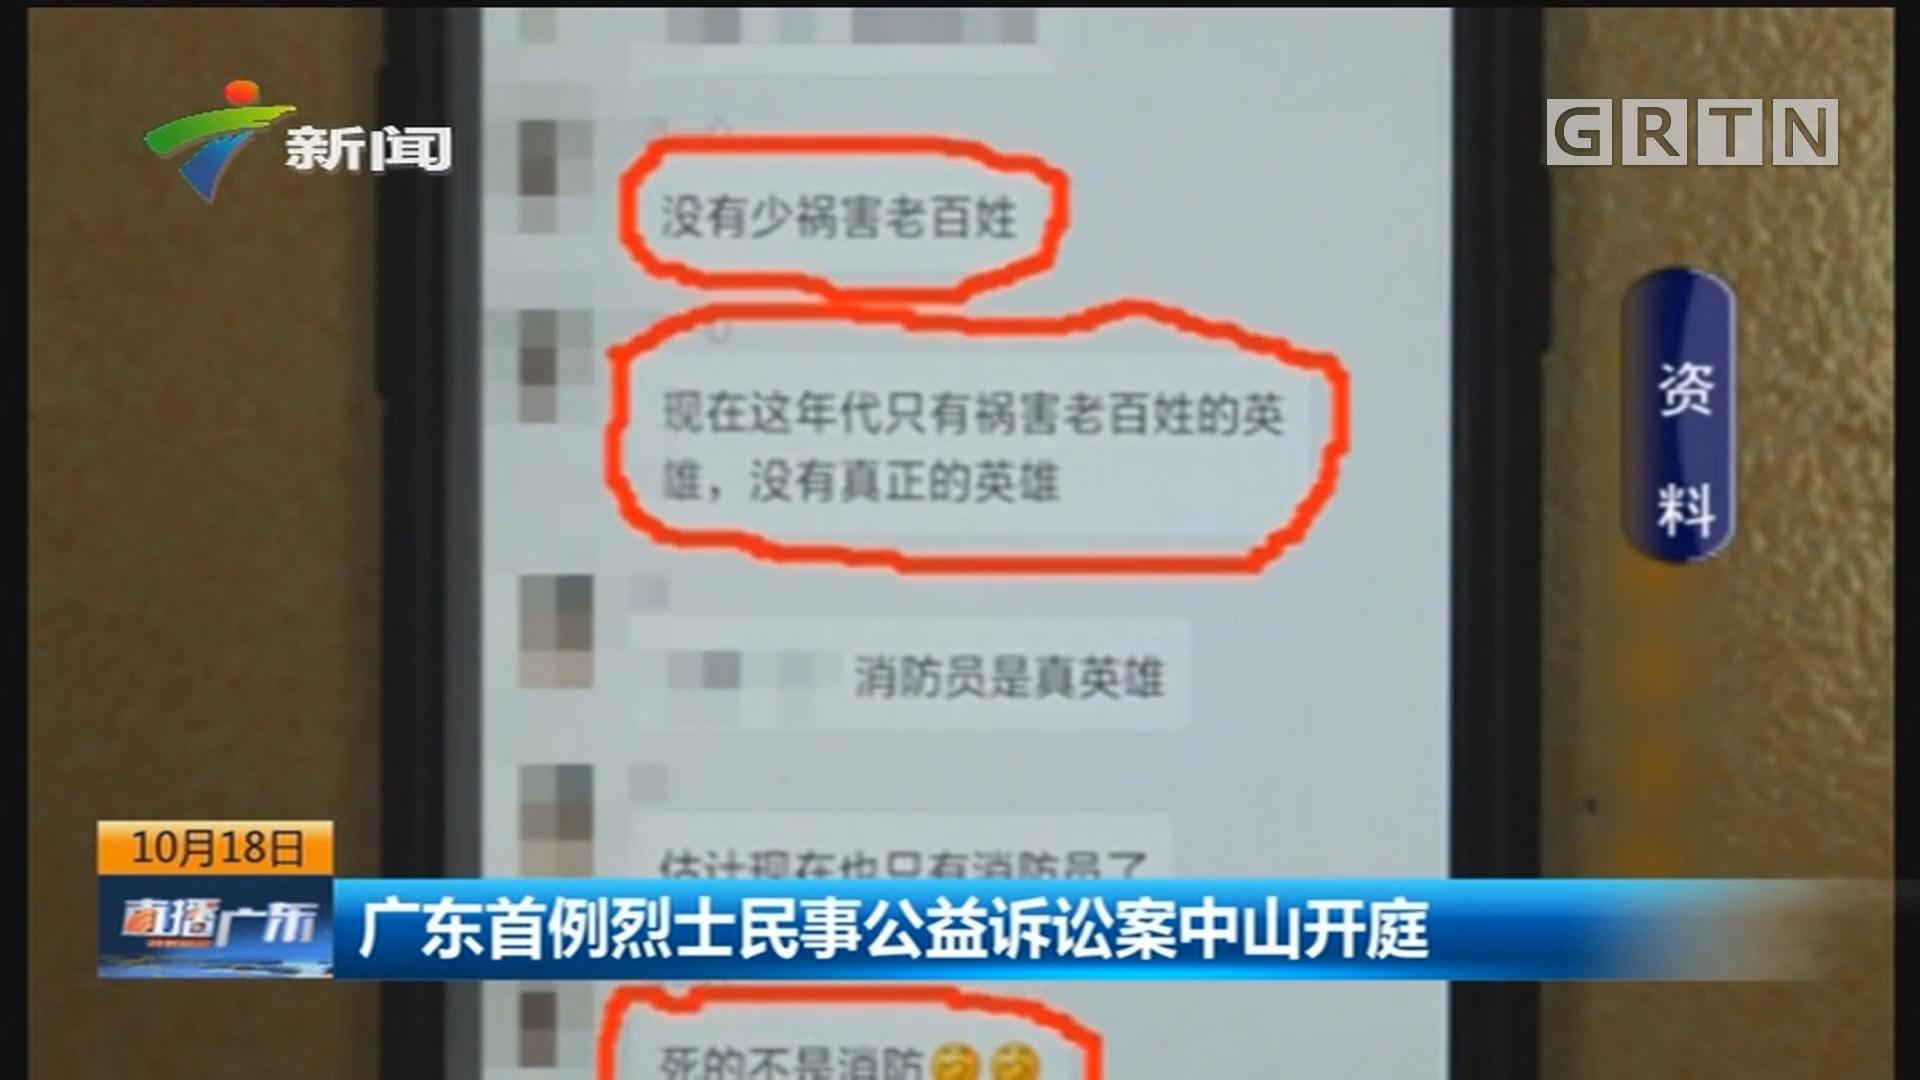 广东首例烈士民事公益诉讼案中山开庭